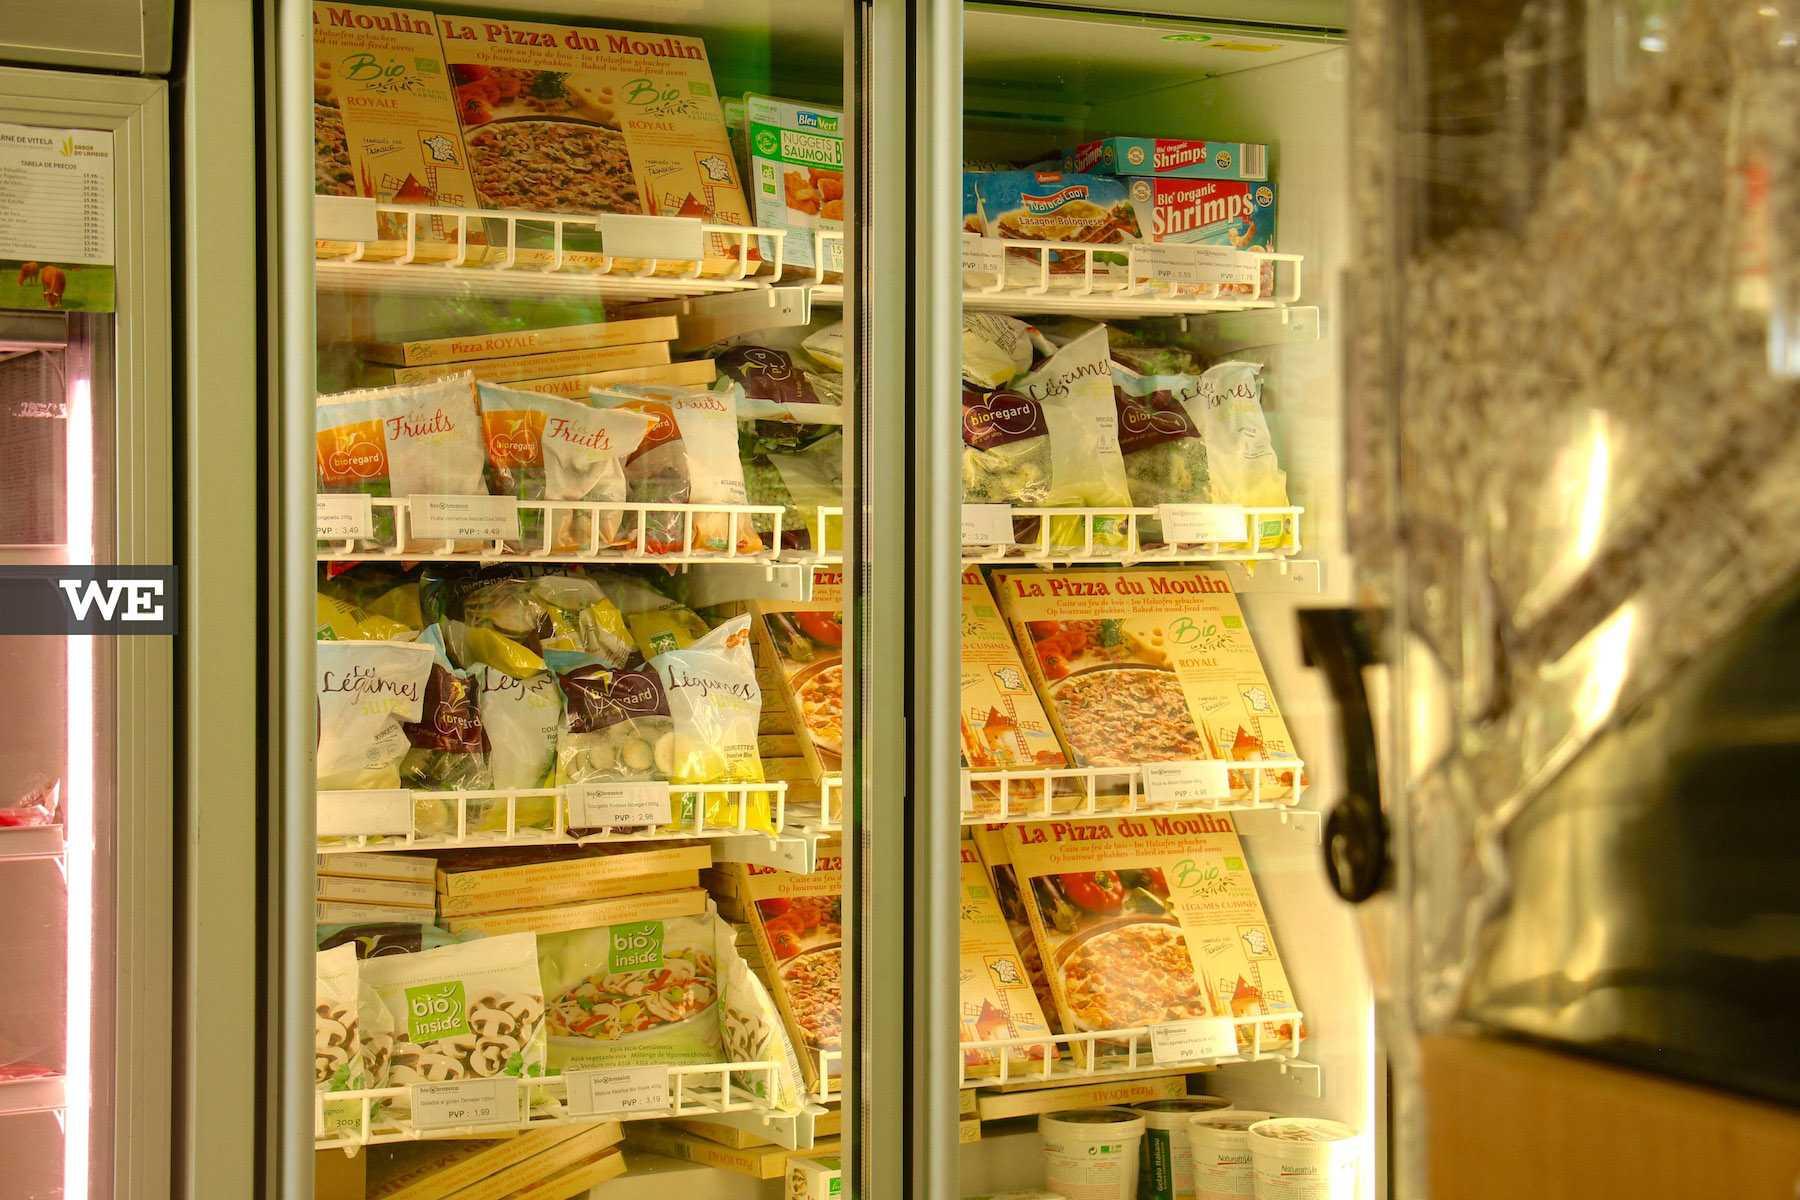 Congelados na Biobrassica, uma loja de produtos biológicos